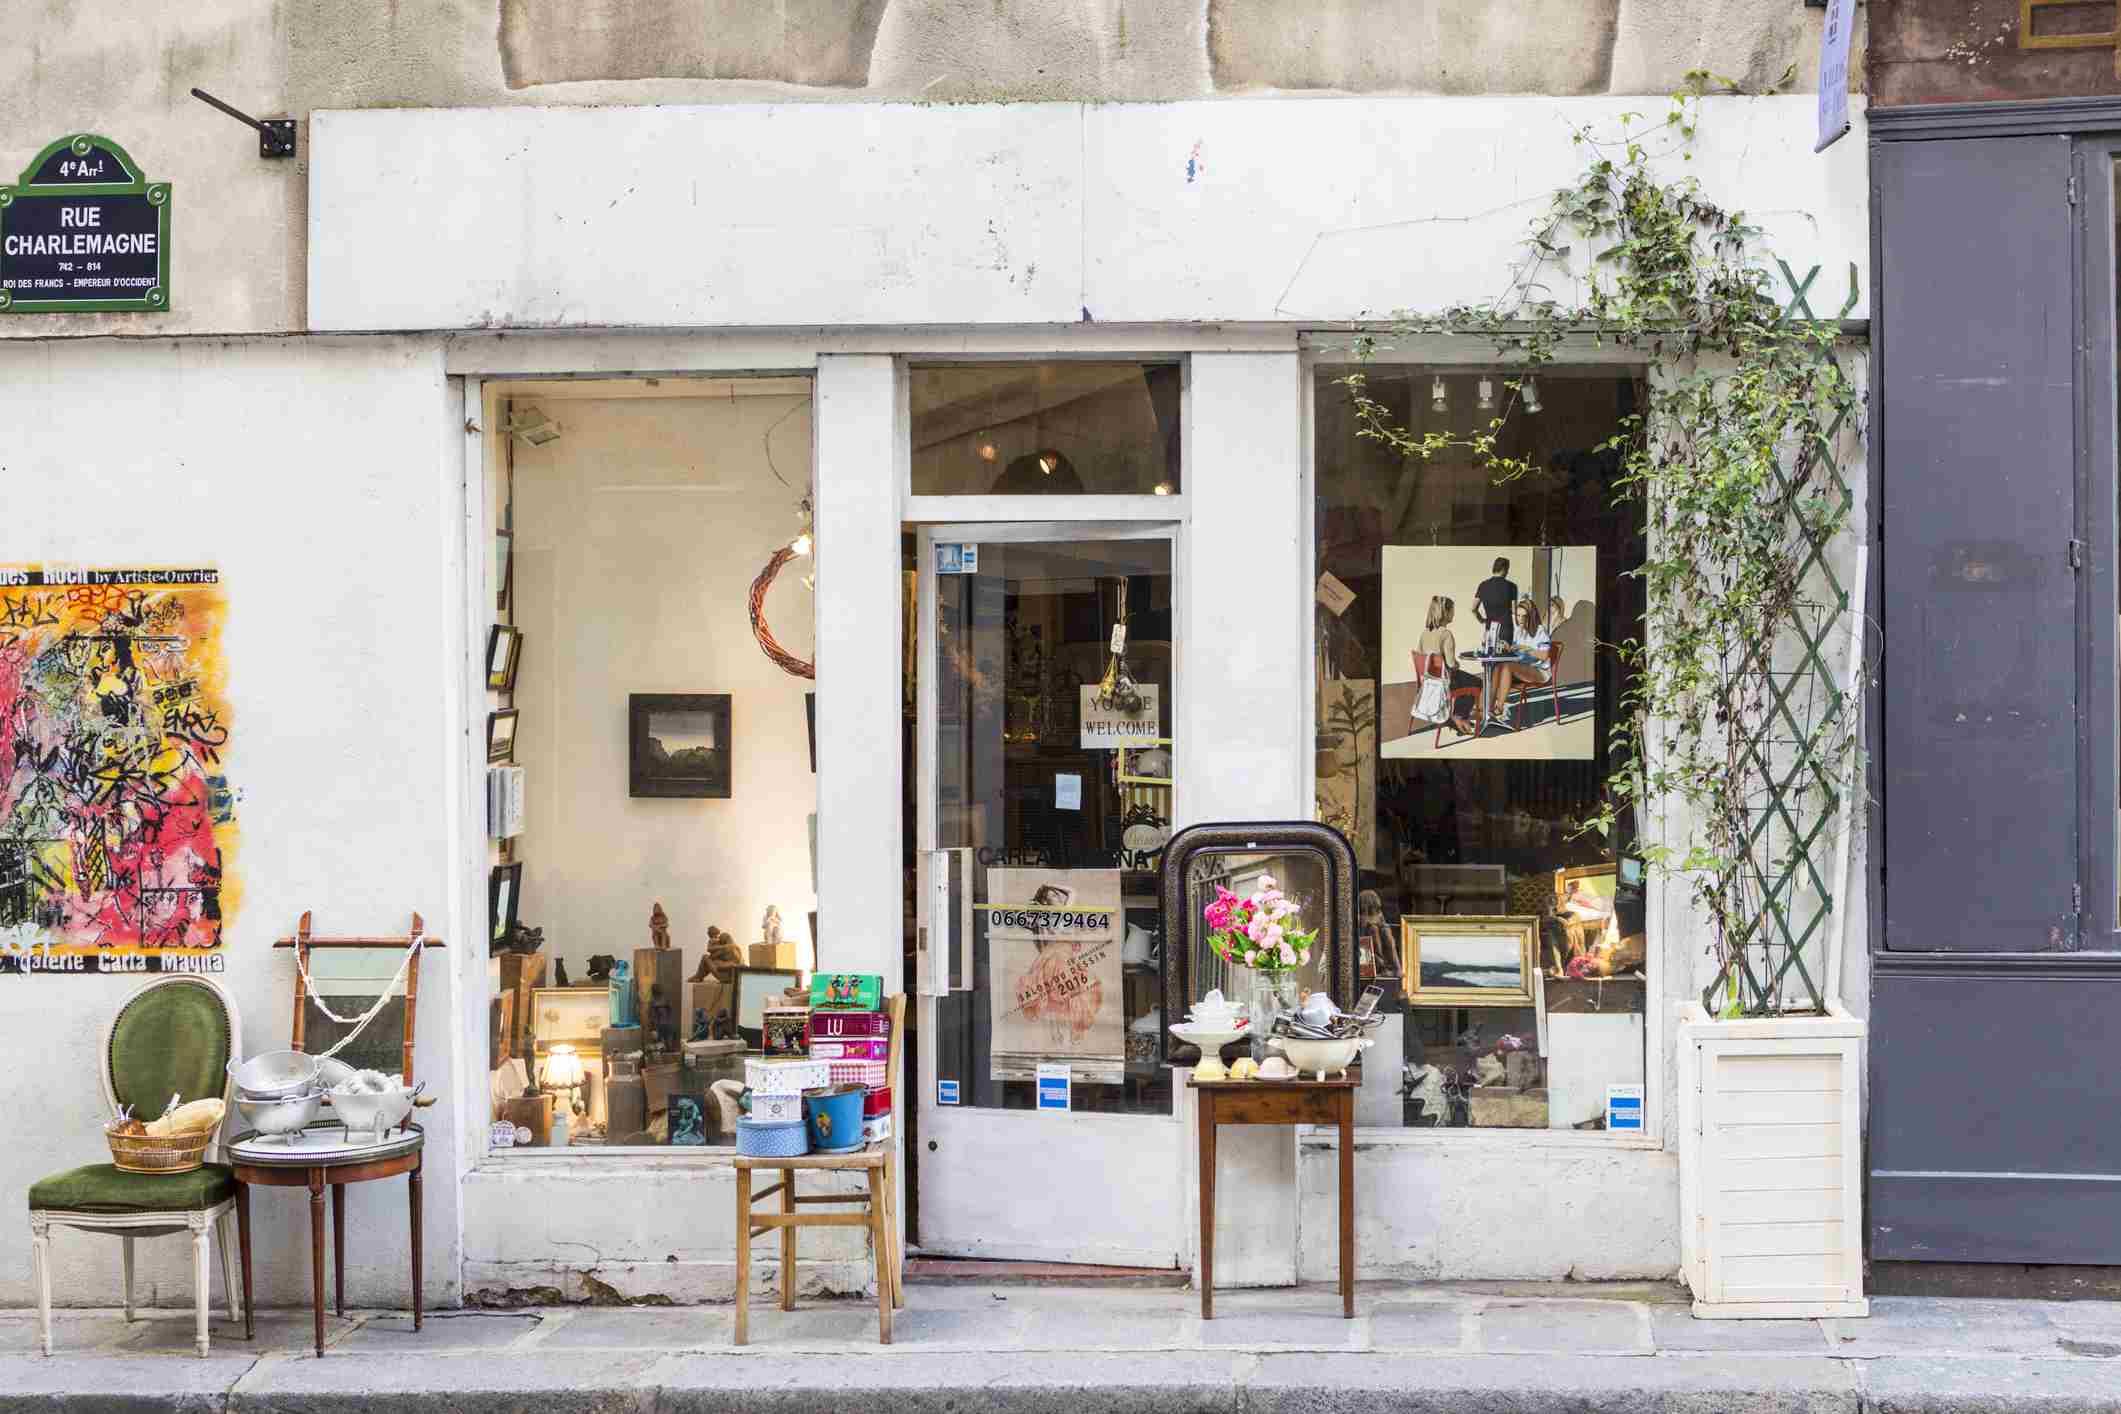 Antique shop on rue Charlemagne in The Village Saint-Paul, Paris